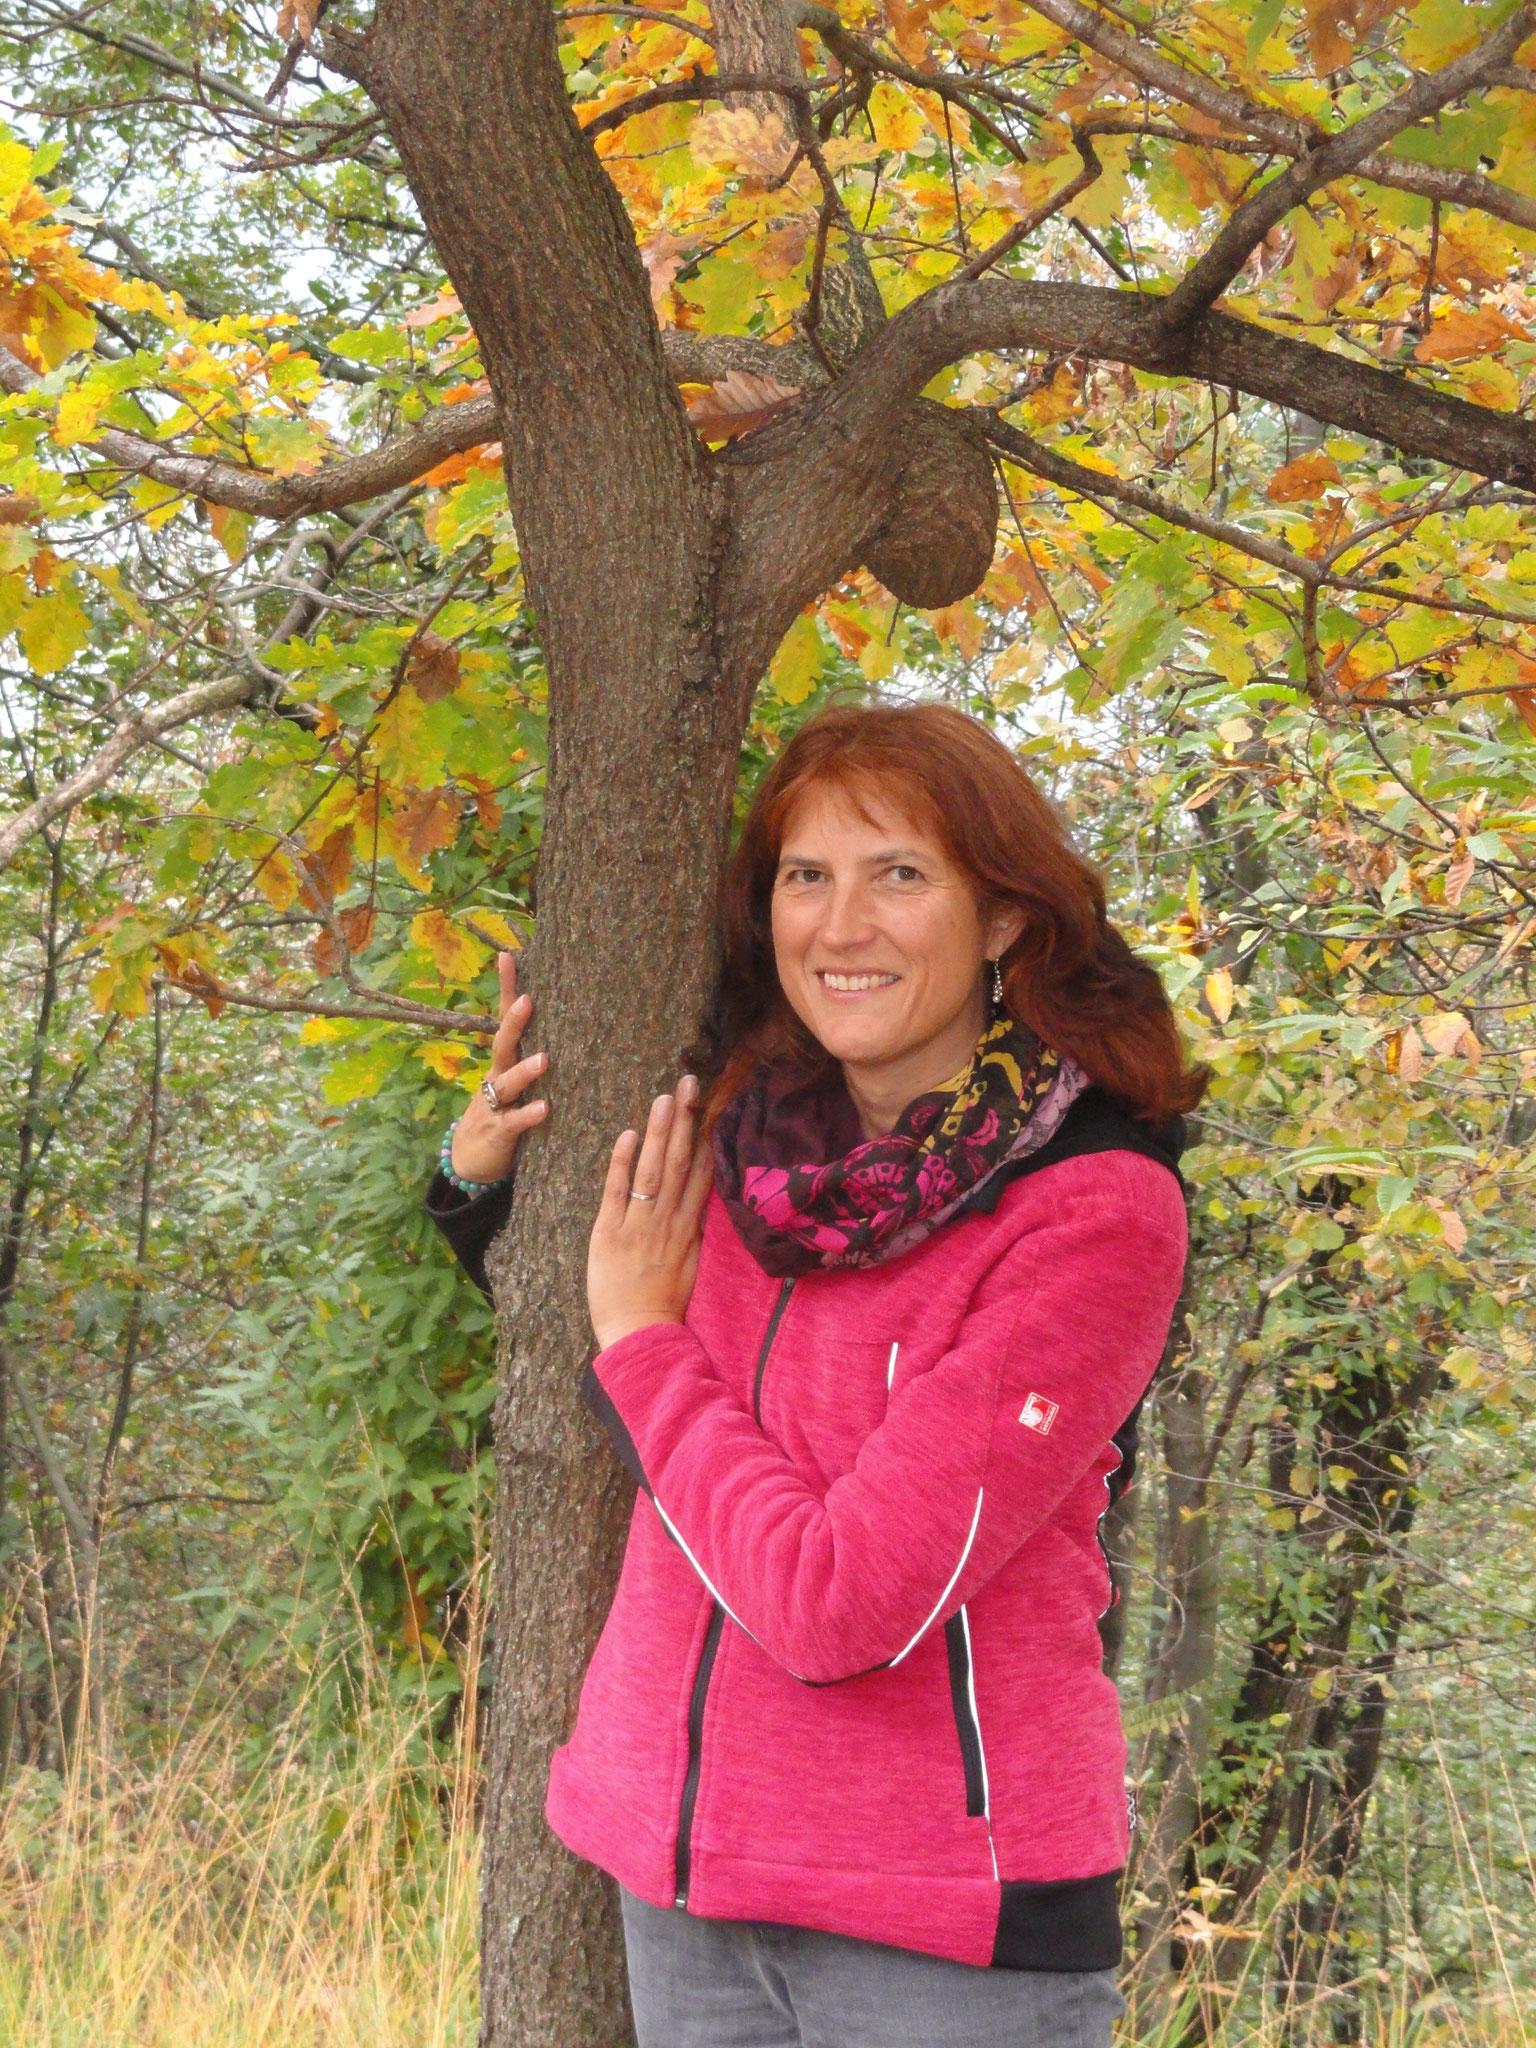 Ich liebe die Natur, speziell die Bäume